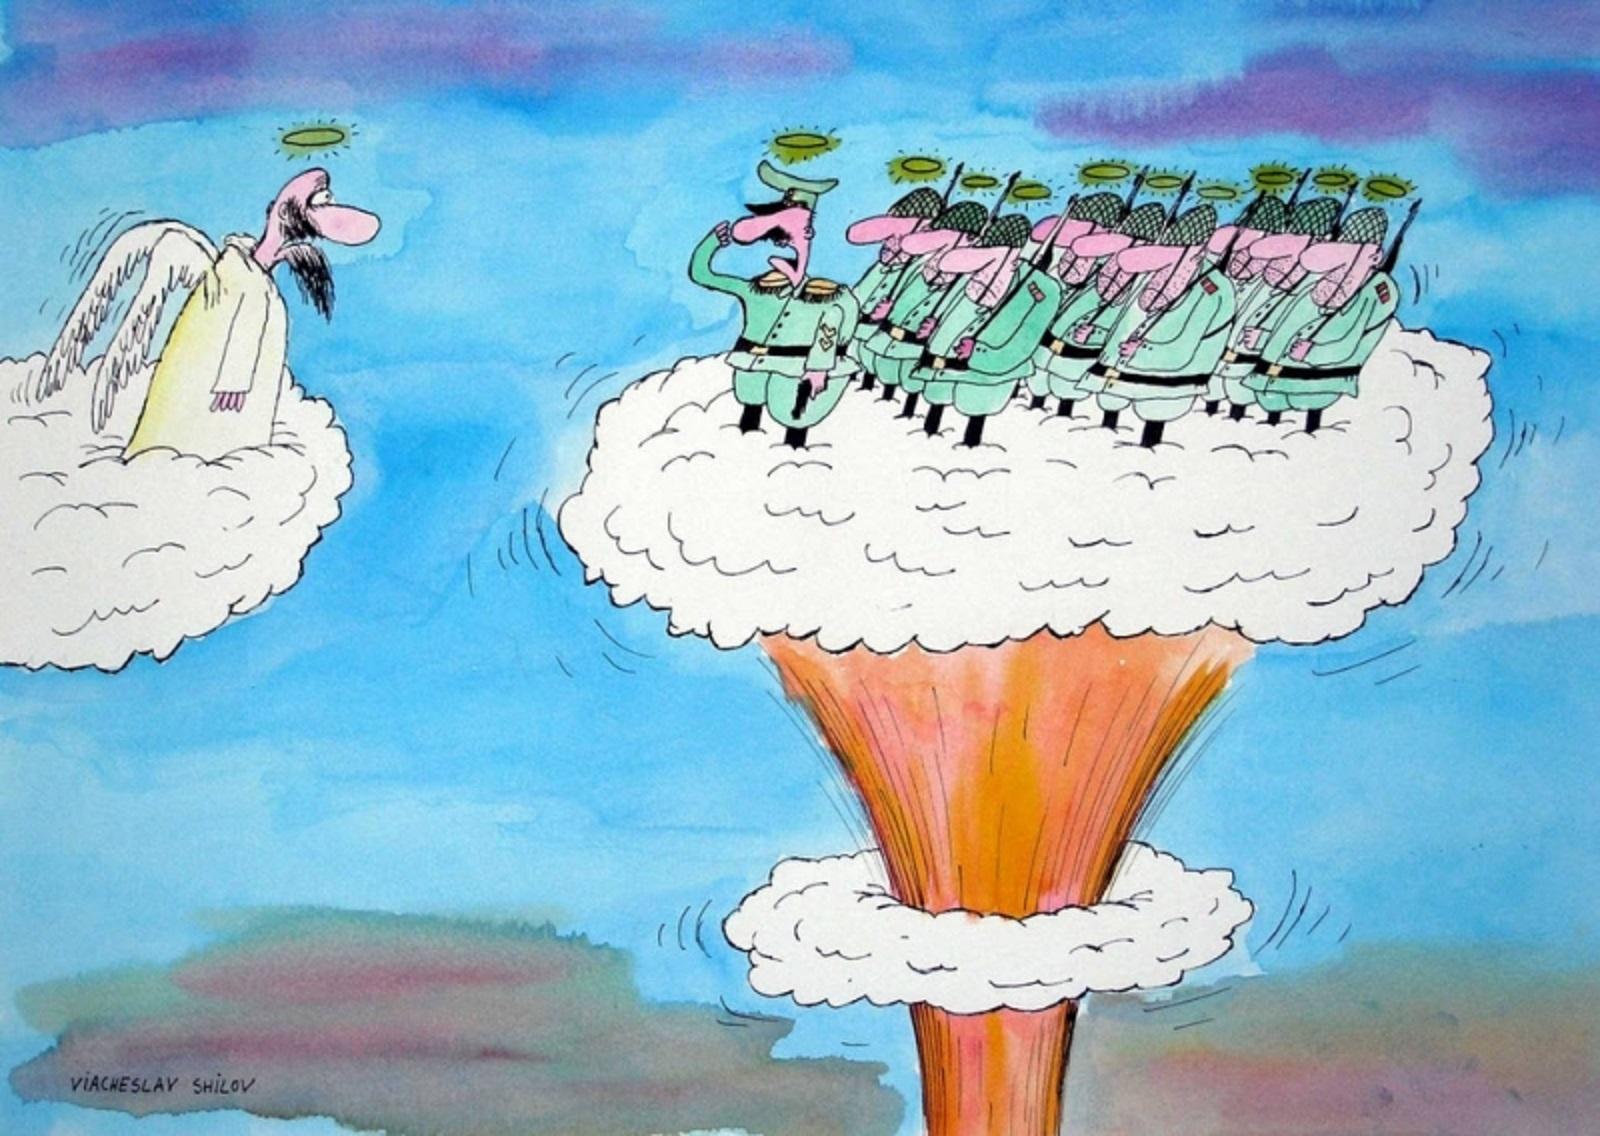 Дне рождения, ядерная война картинки прикольные